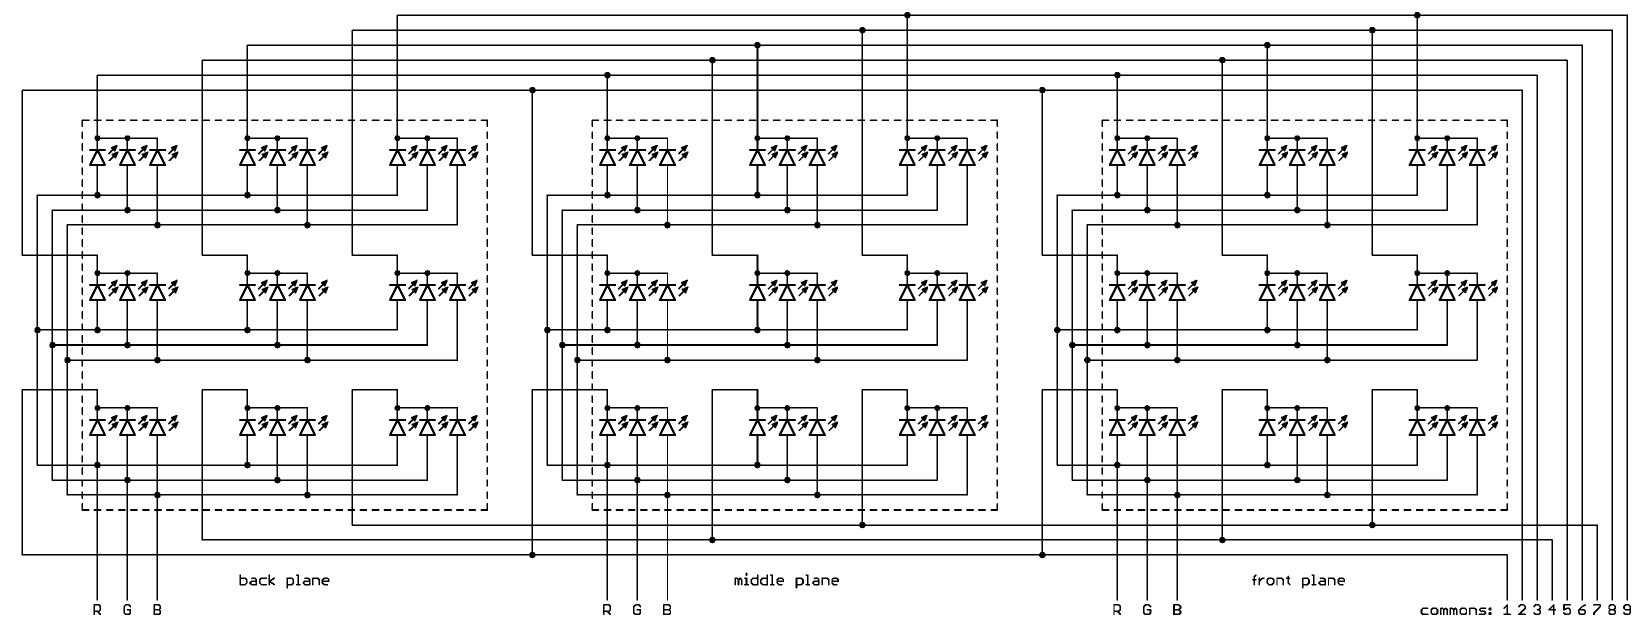 Rgb светодиодный куб 8х8х8 своими руками схема 50